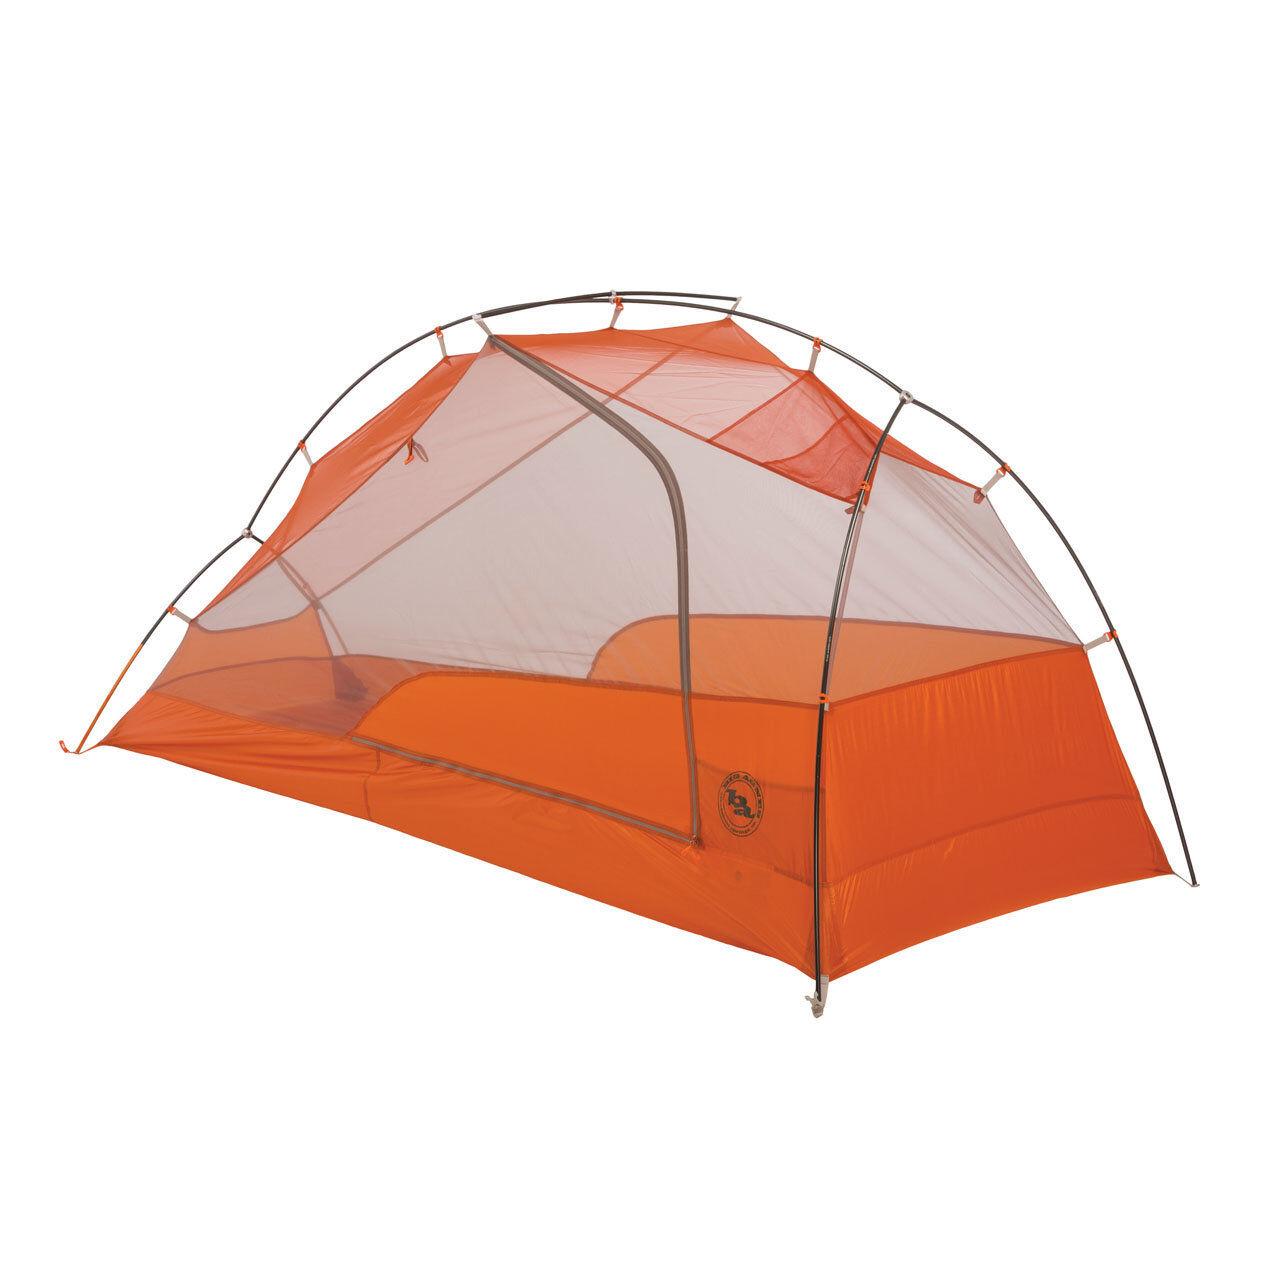 Big Agnes Copper Spur HV UL1 Tent - New